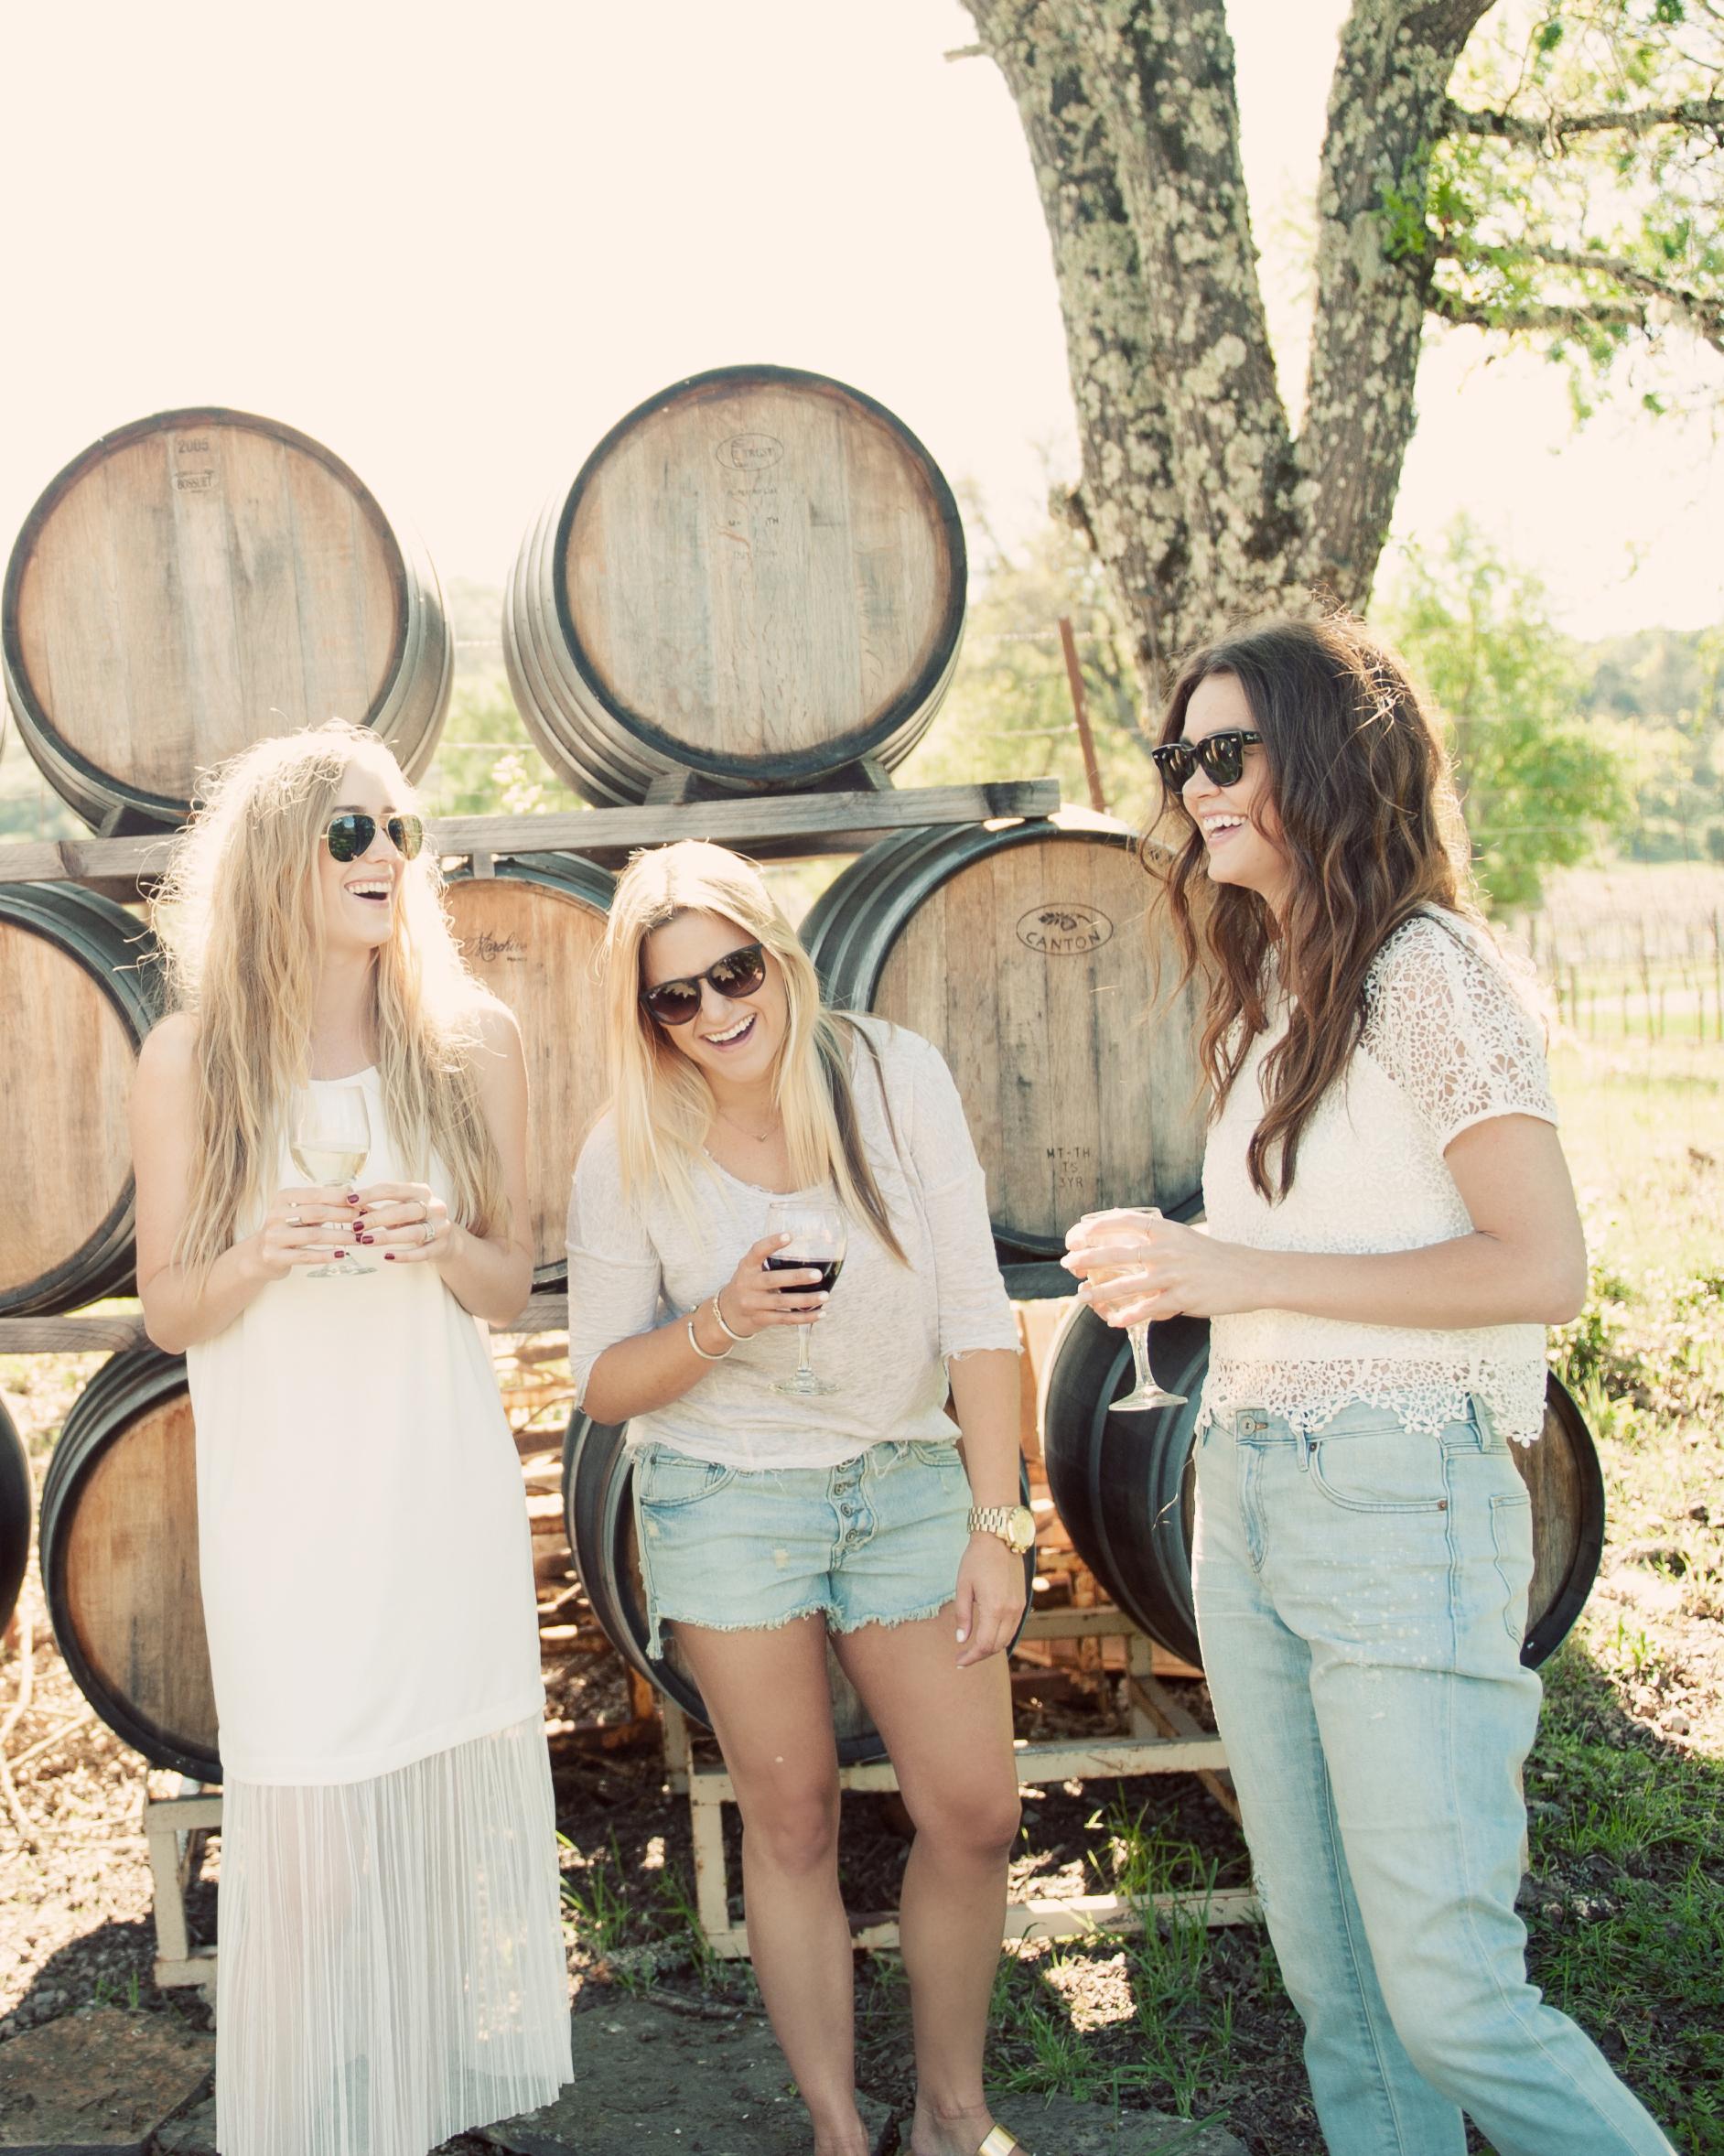 eatsleepwear-napa-valley-bachelorette-party-friends-wine-cask-0415.jpg